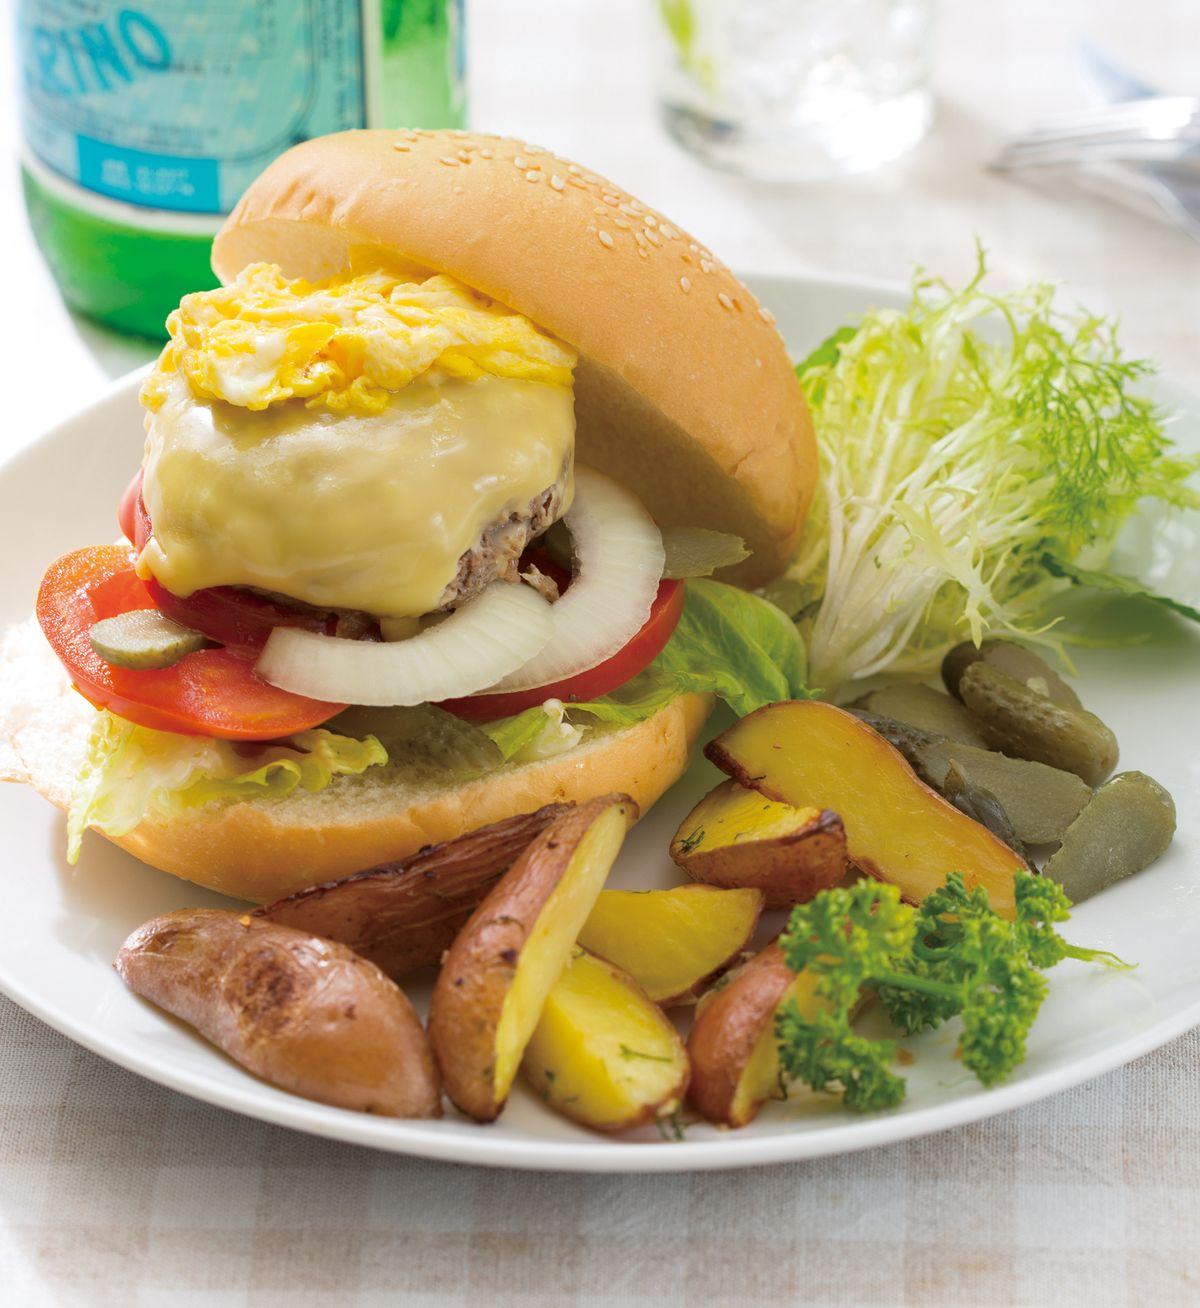 食譜:滑蛋起司牛肉堡